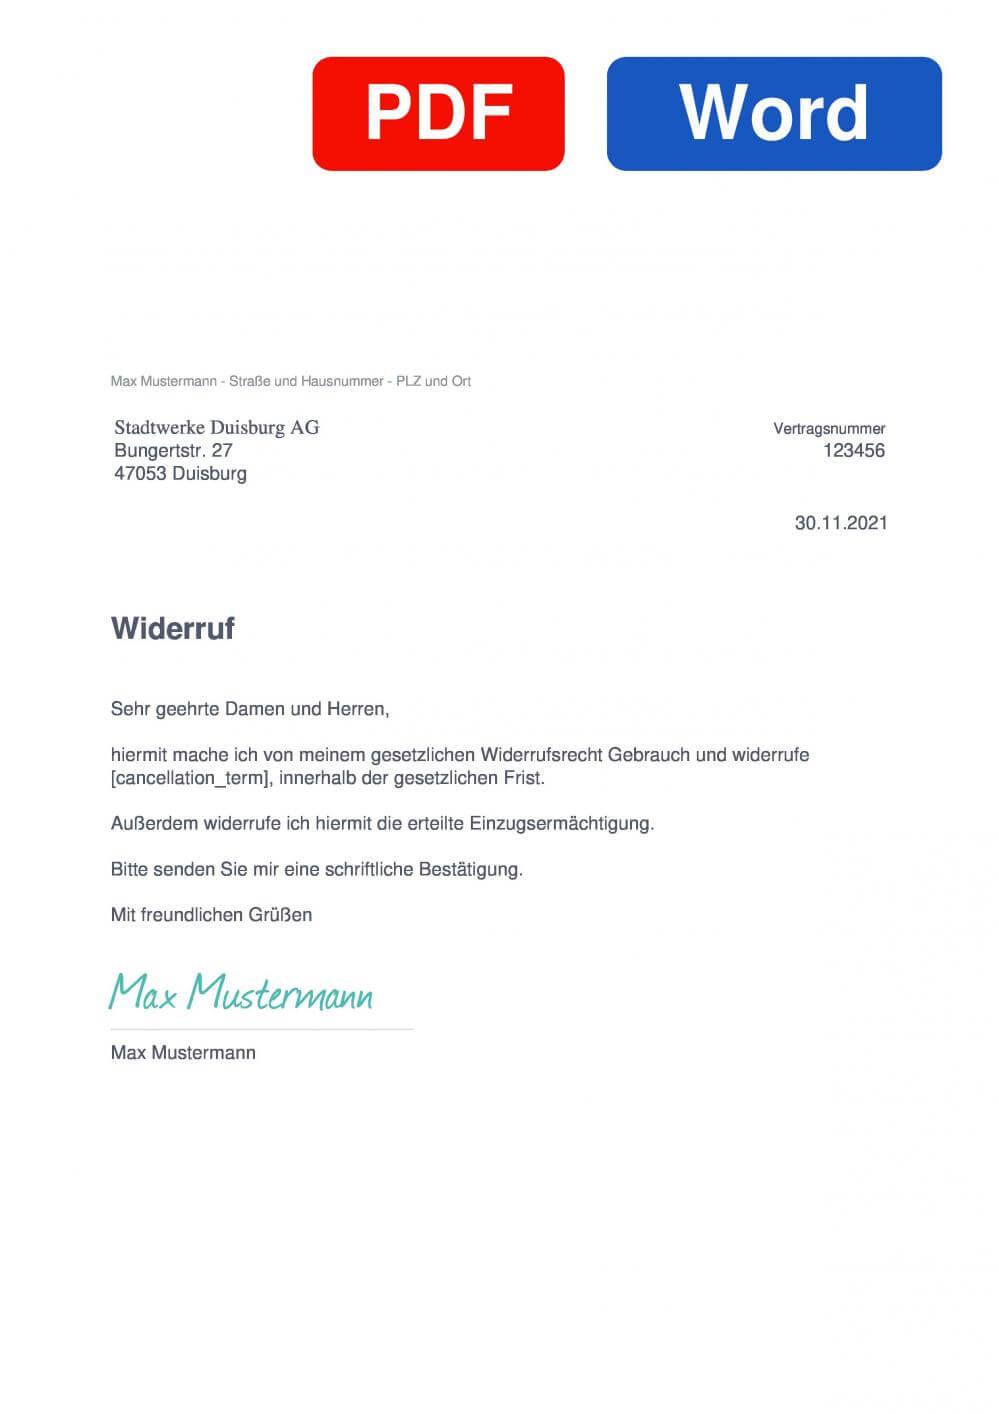 Rheinpower Muster Vorlage für Wiederrufsschreiben